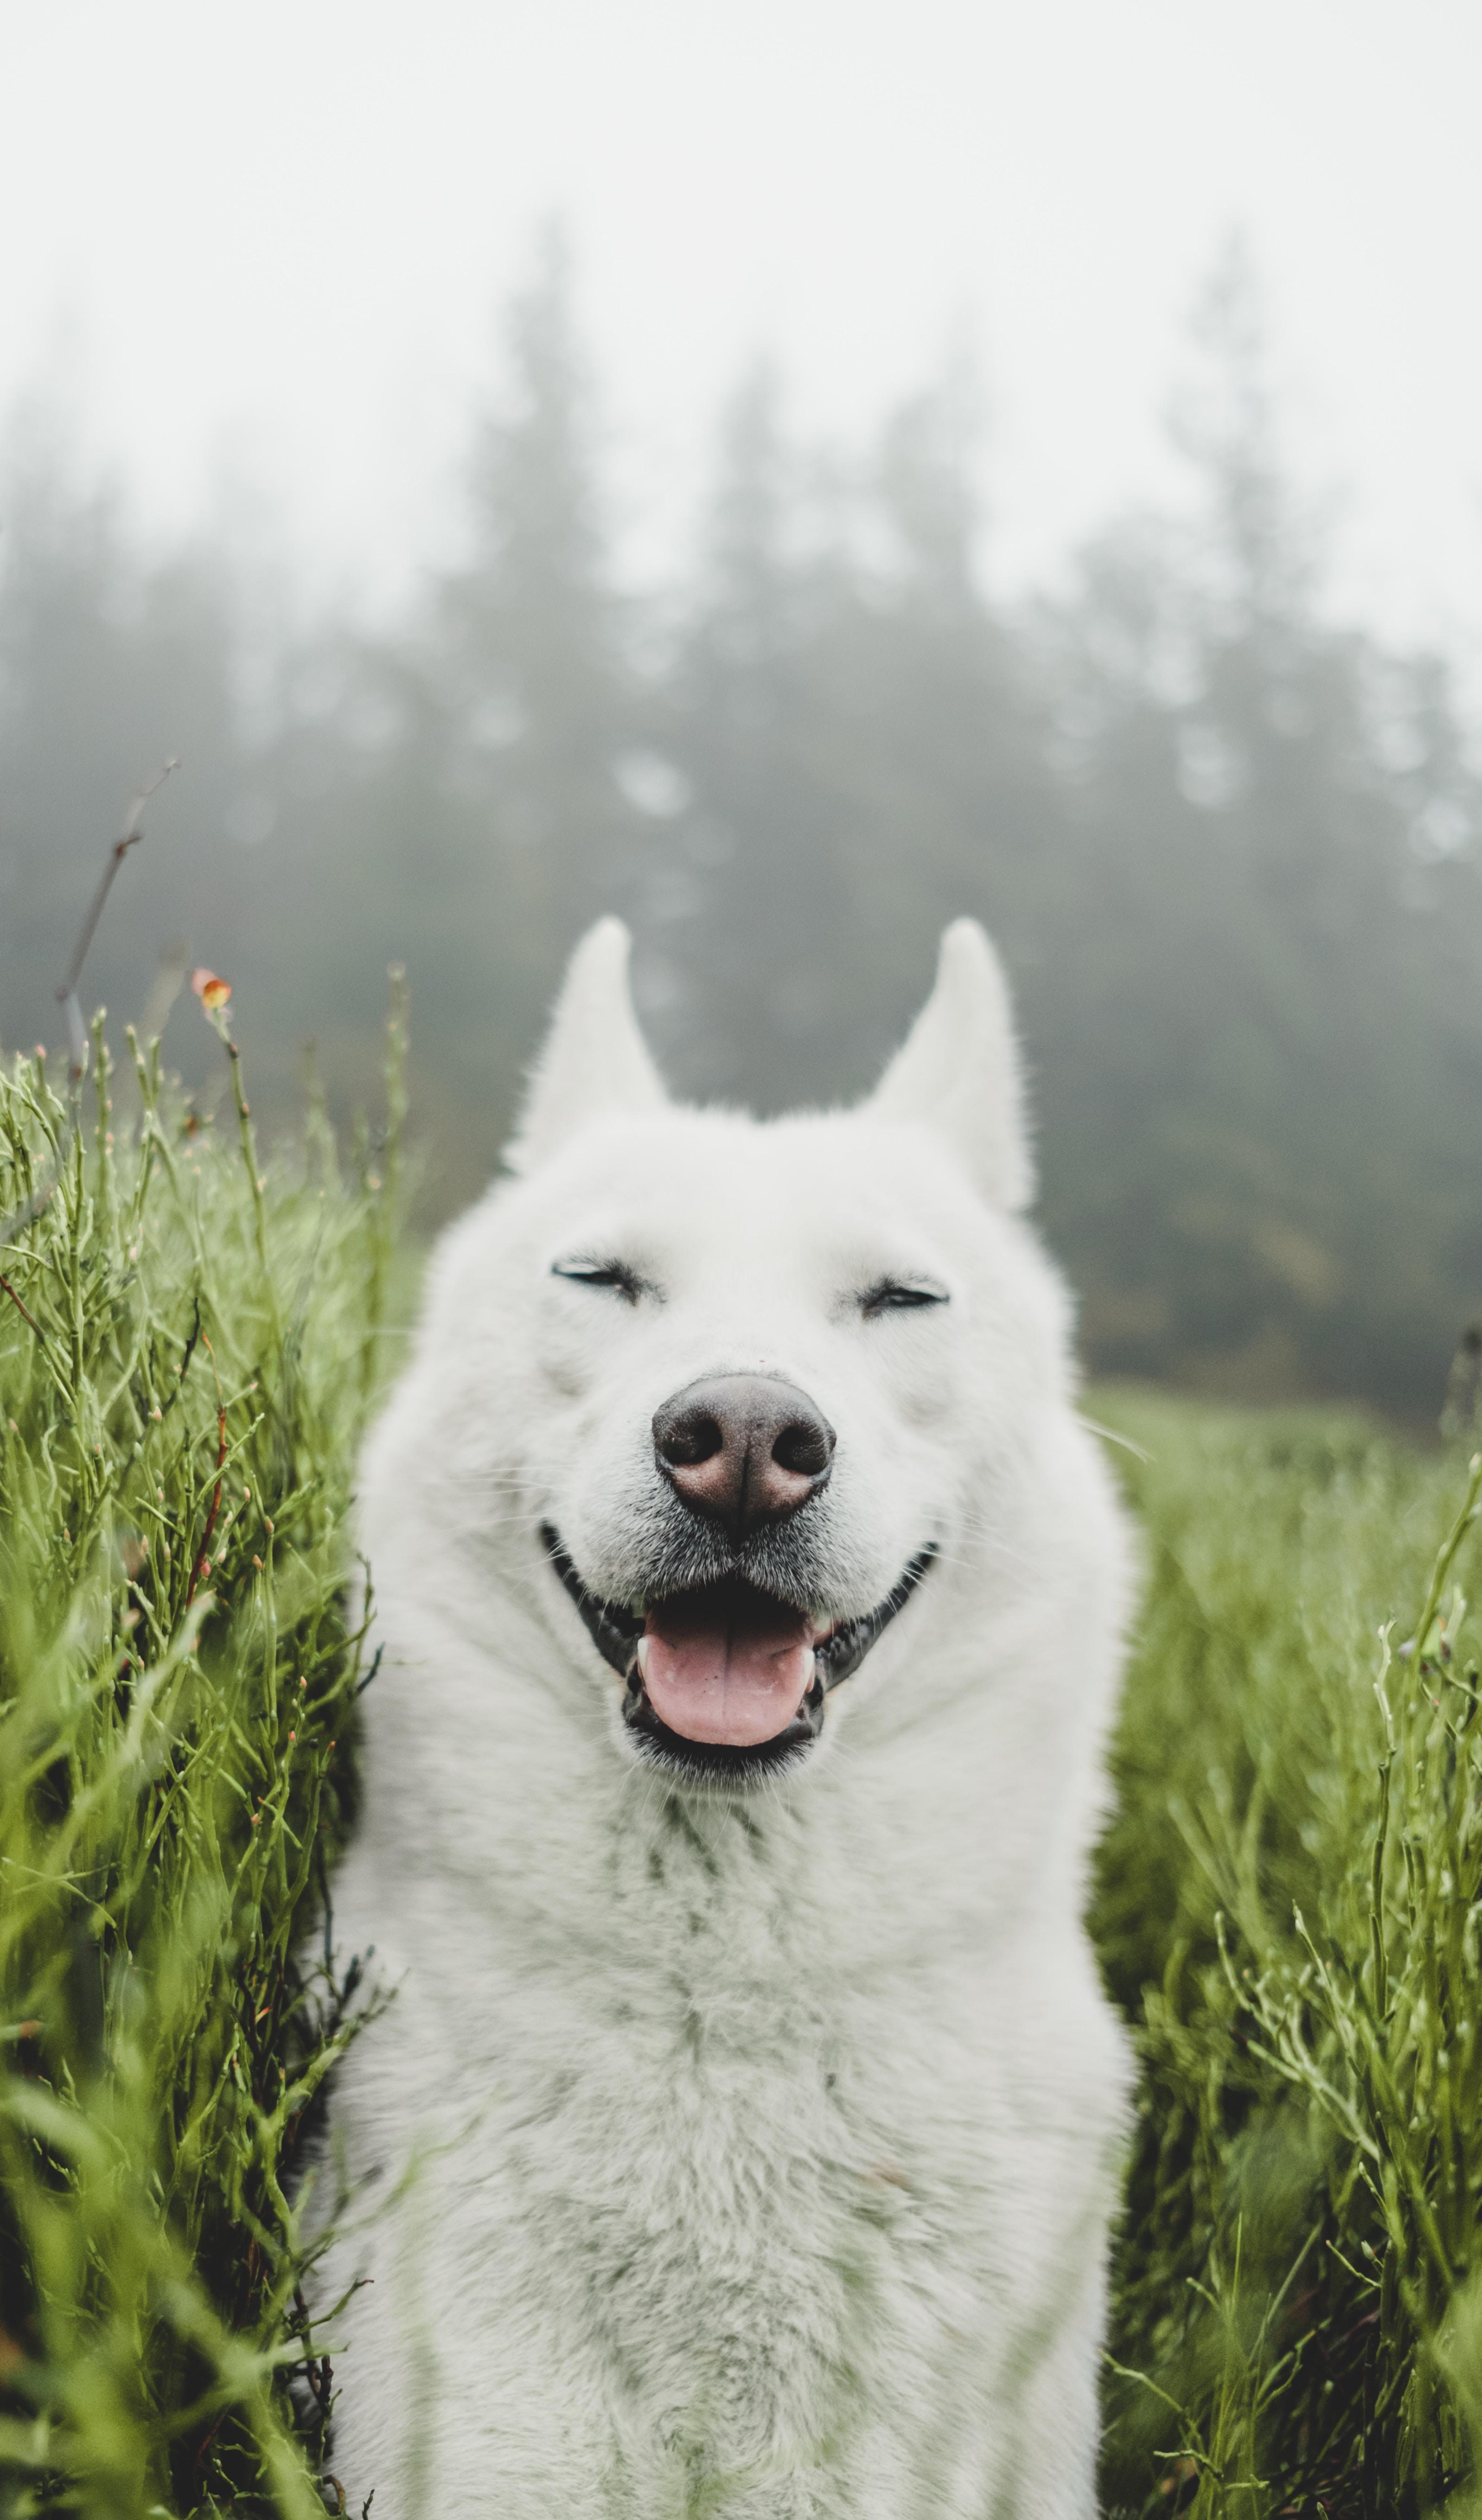 86960 скачать обои Собака, Животные, Трава, Питомец, Белый, Высунутый Язык, Забавный - заставки и картинки бесплатно